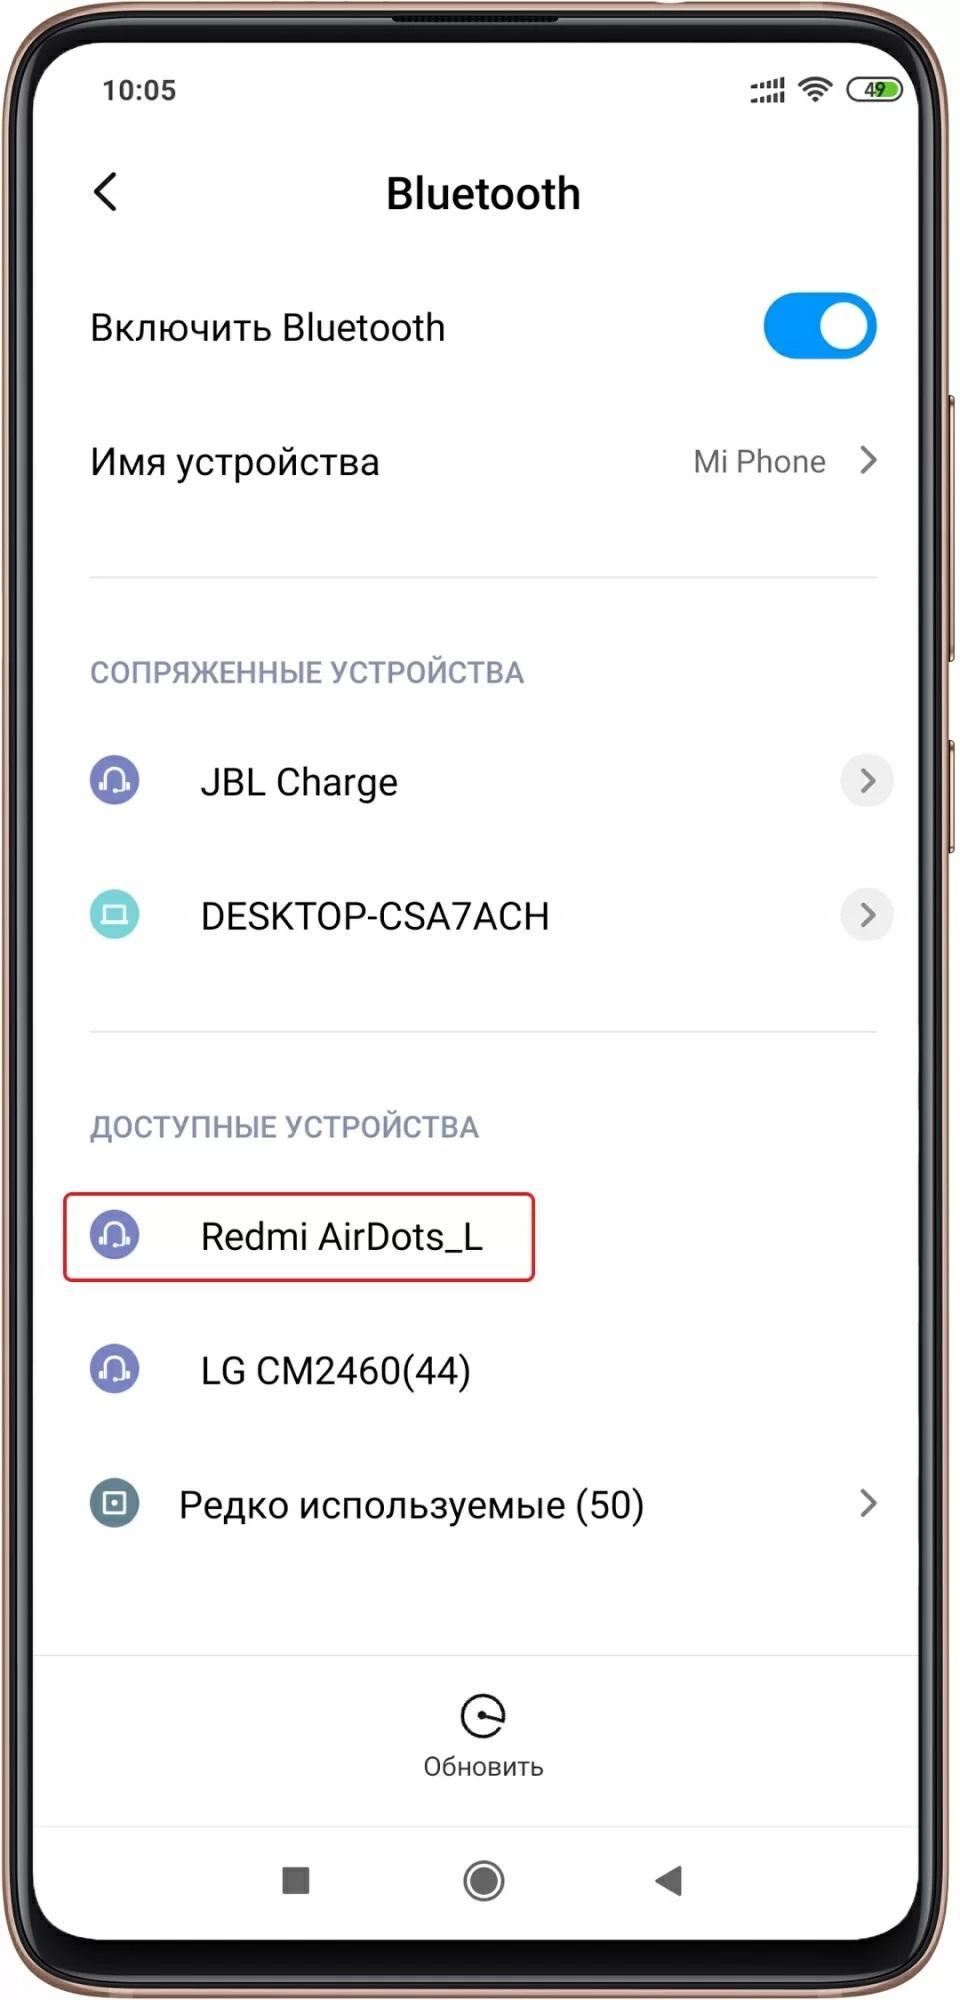 Подключение наушников Redmi AirDots 2